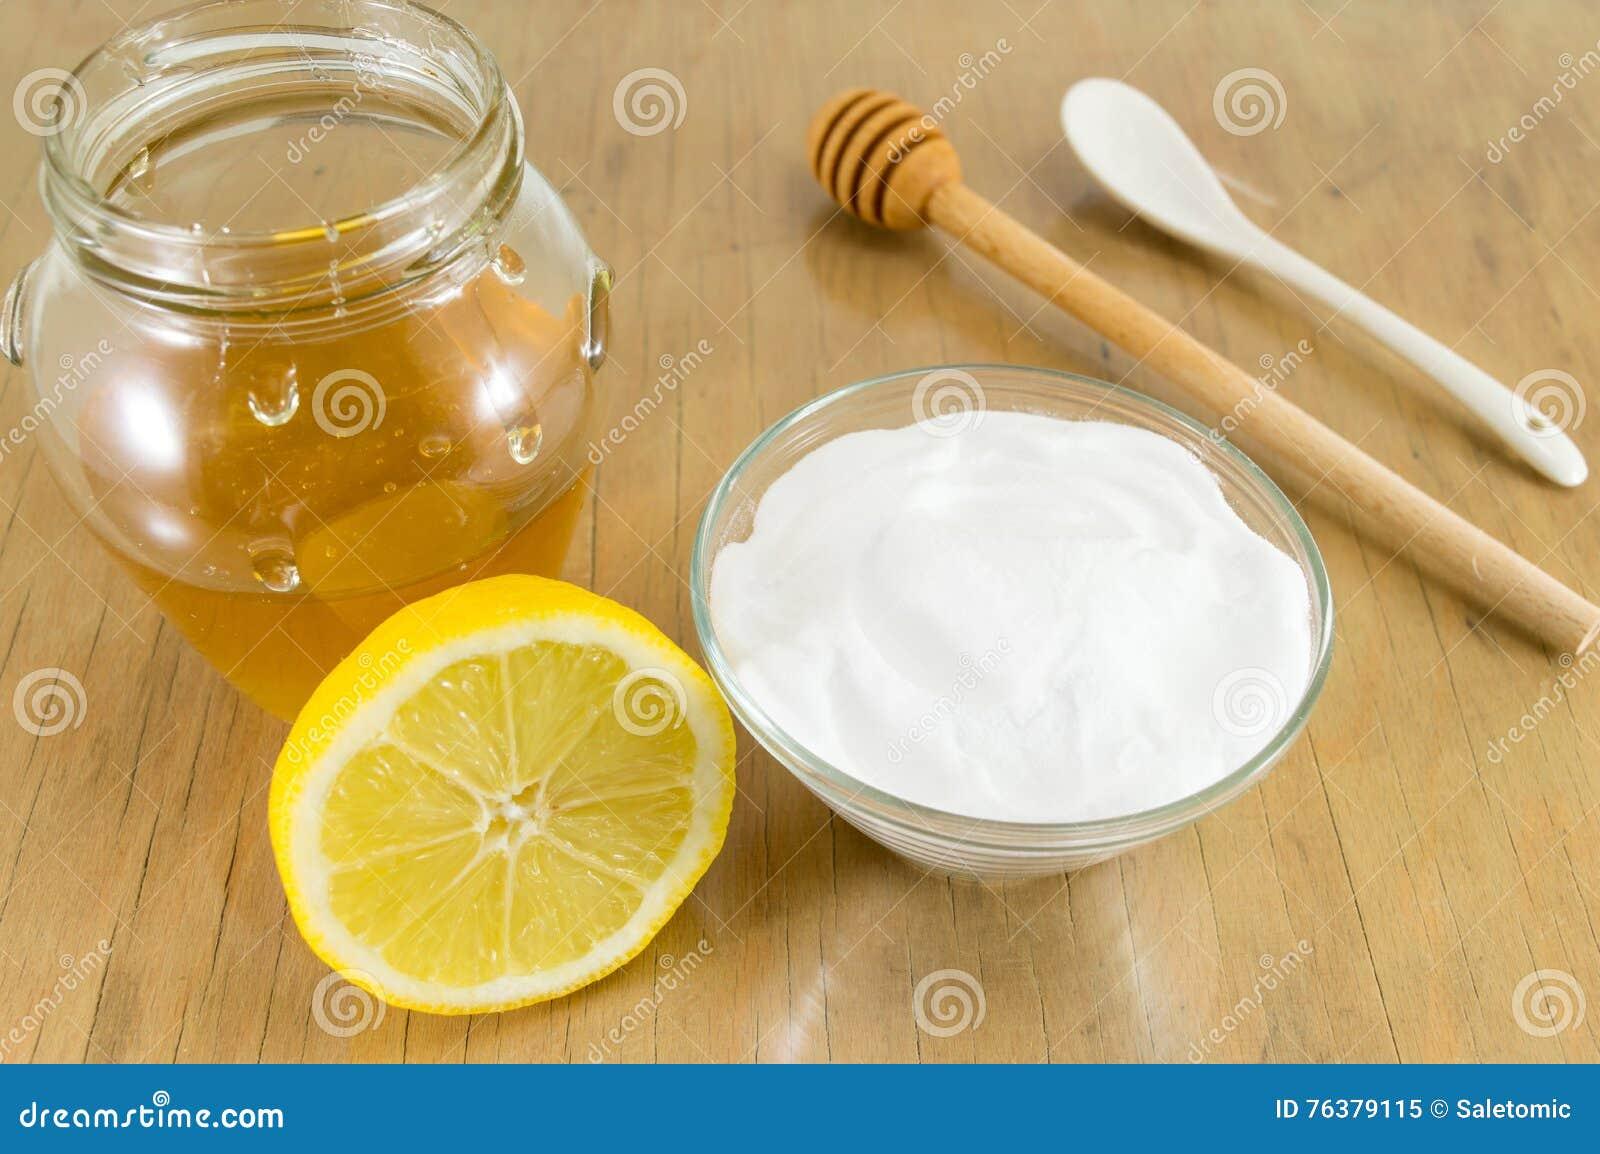 dieta dimagrante bicarbonato di sodio